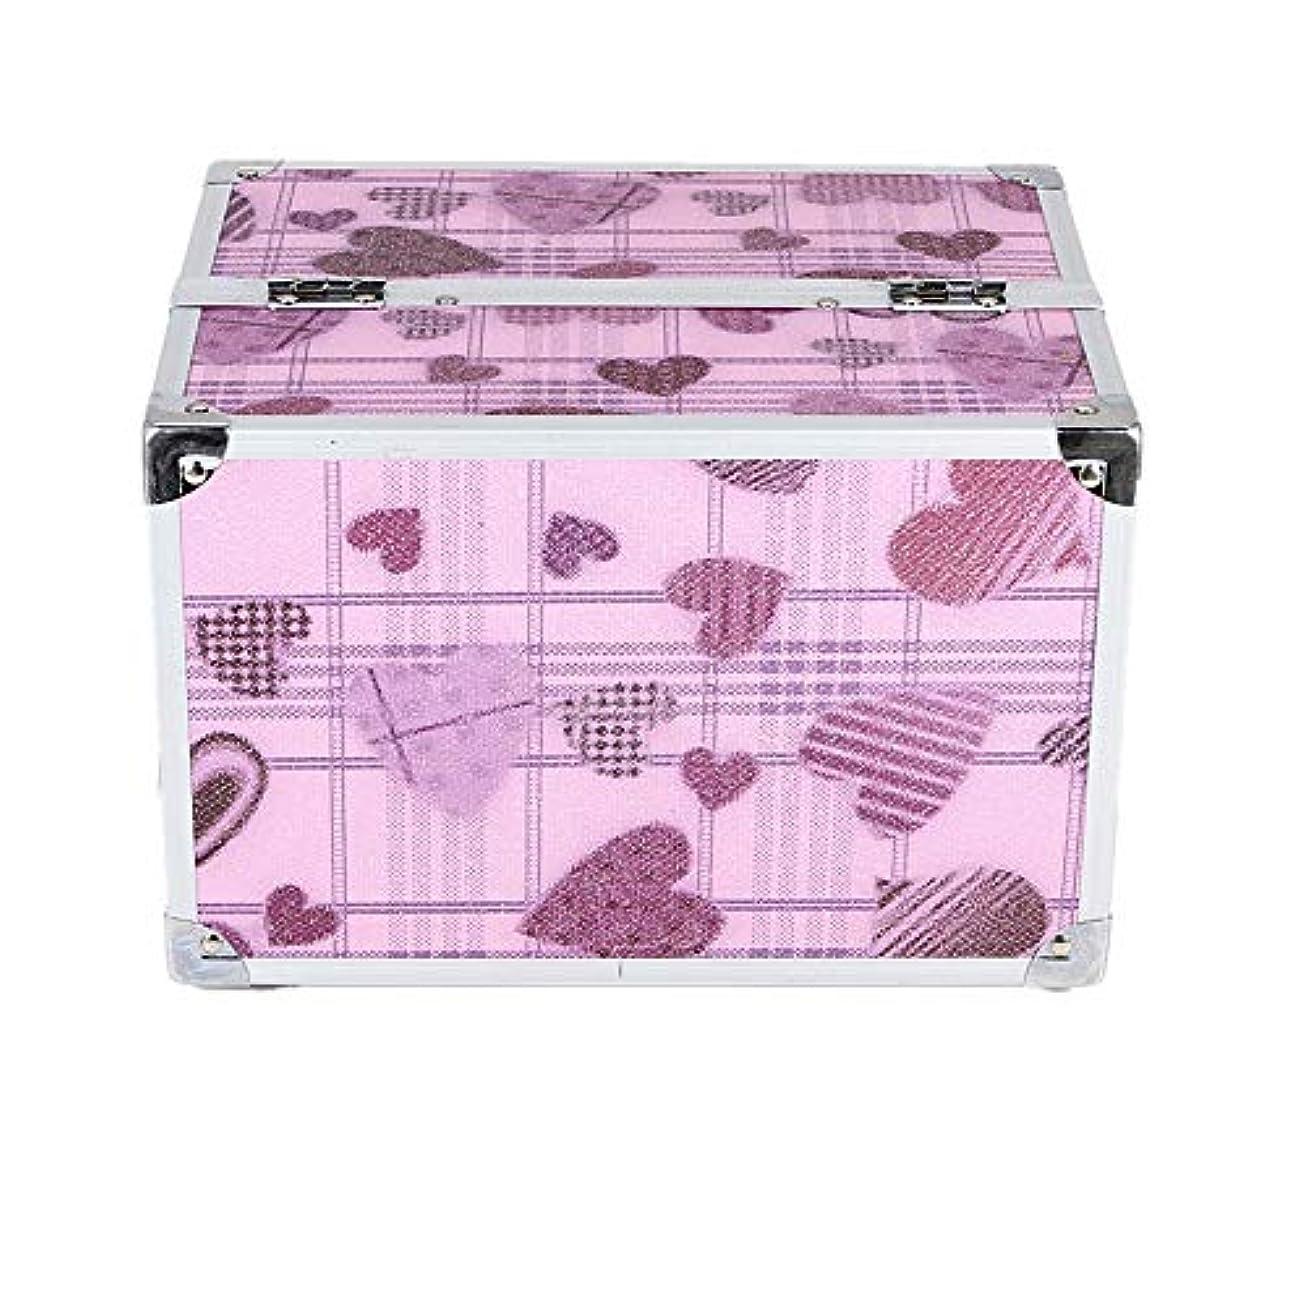 精通した等しい塗抹化粧オーガナイザーバッグ かわいいハートパターントラベルアクセサリーのためのポータブル化粧ケースシャンプーボディウォッシュパーソナルアイテム収納トレイ 化粧品ケース